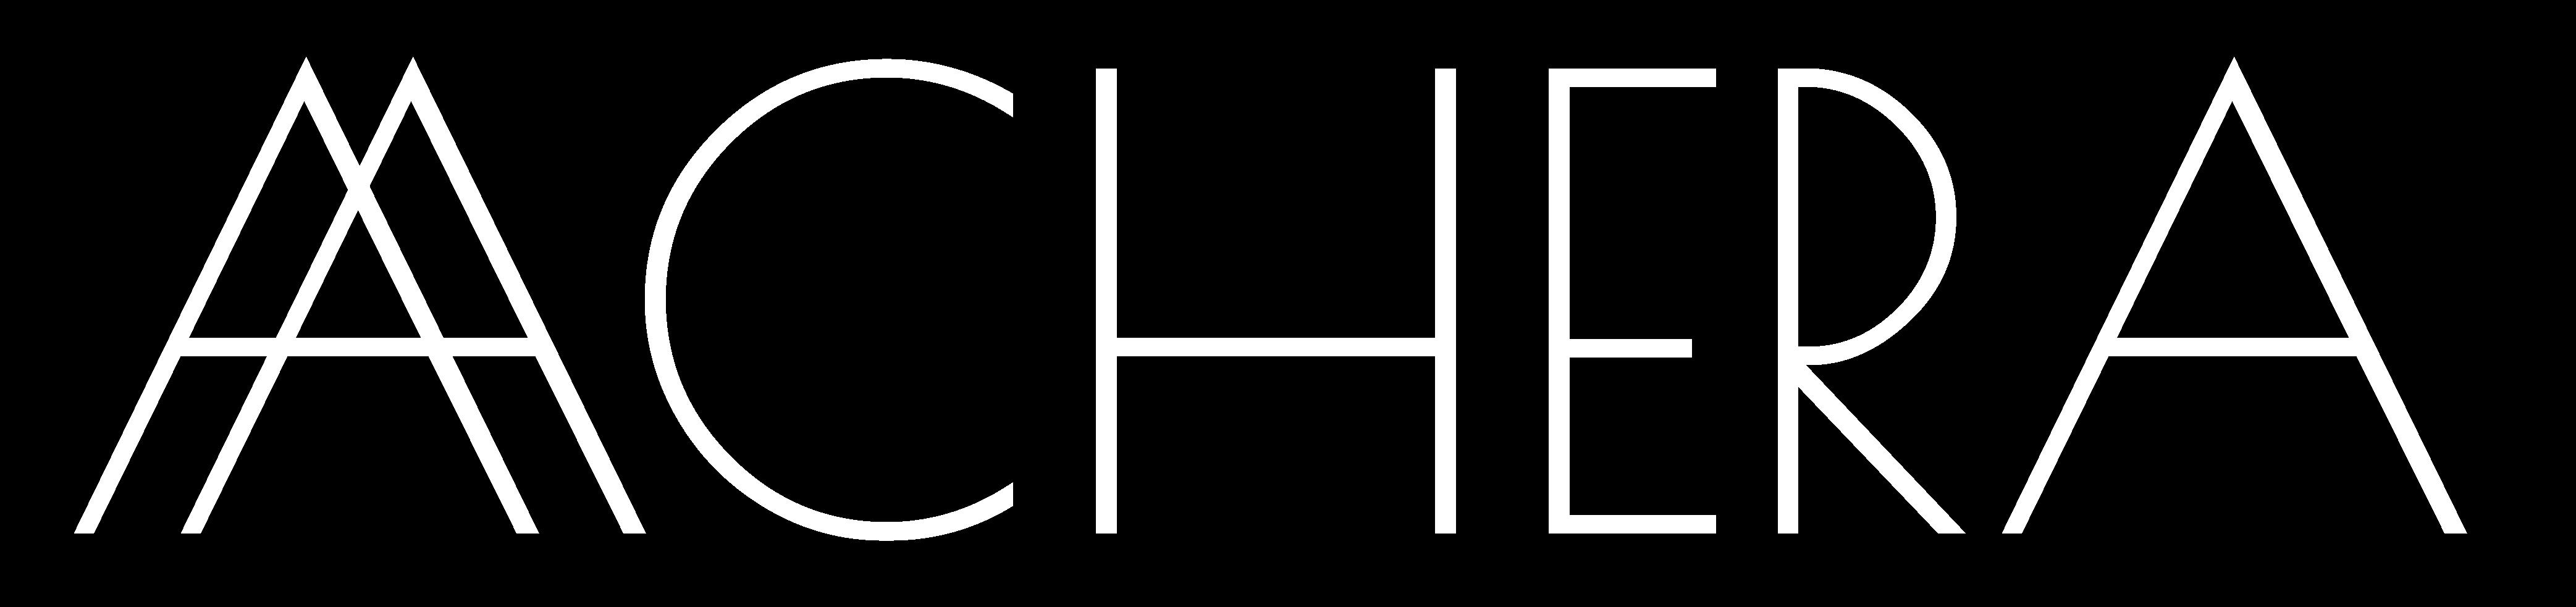 AAChera-Logo-White